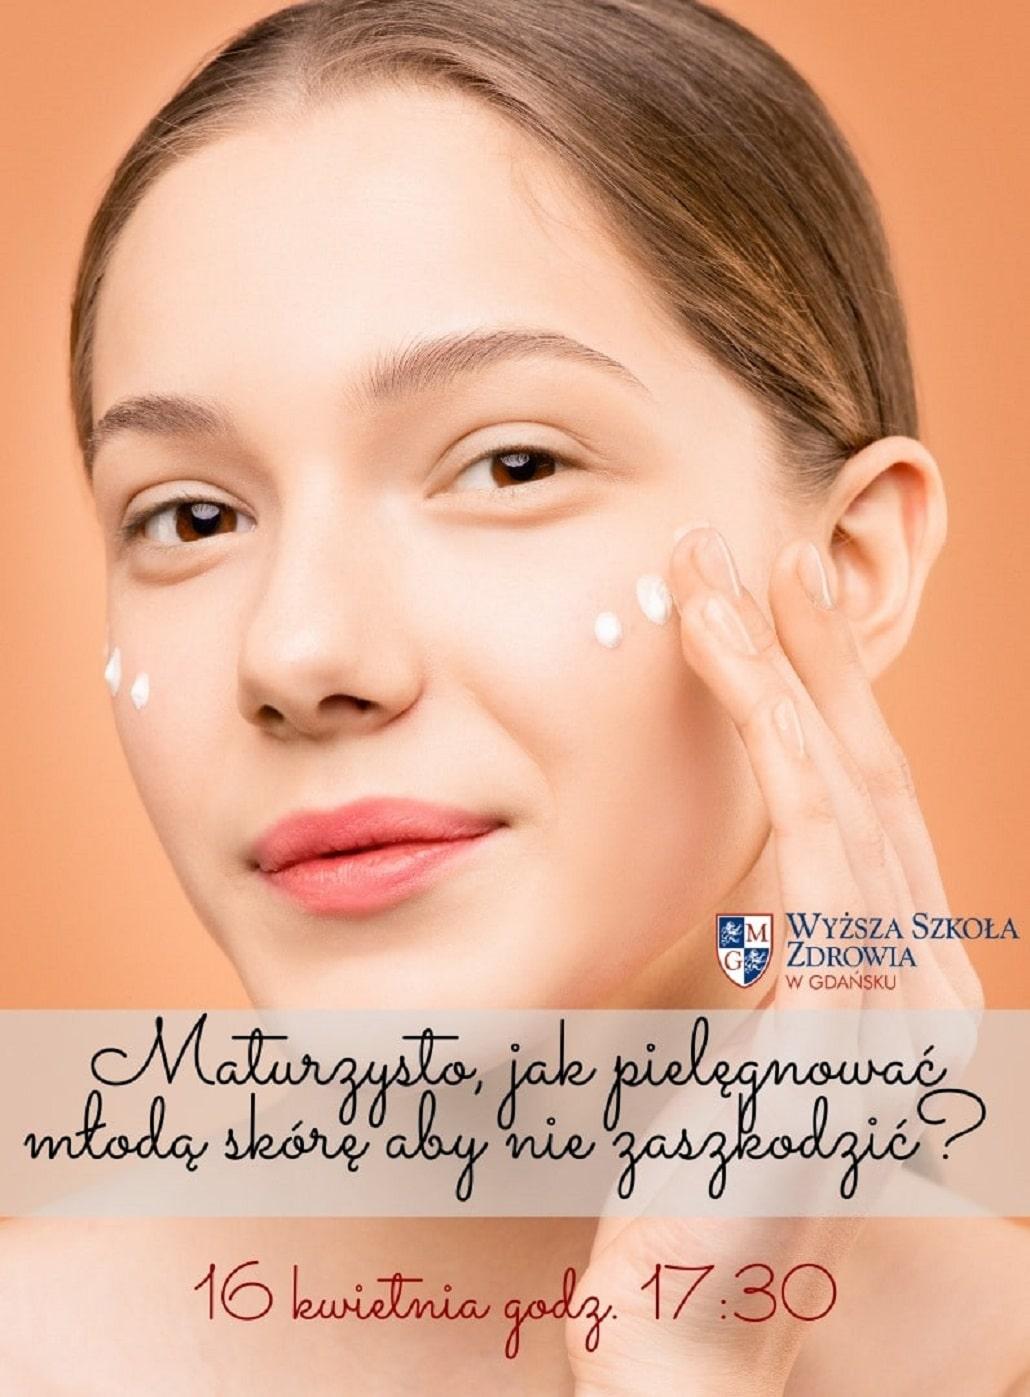 WSZ Jak pielęgnować młodą skórę żeby nie zaszkodzić?